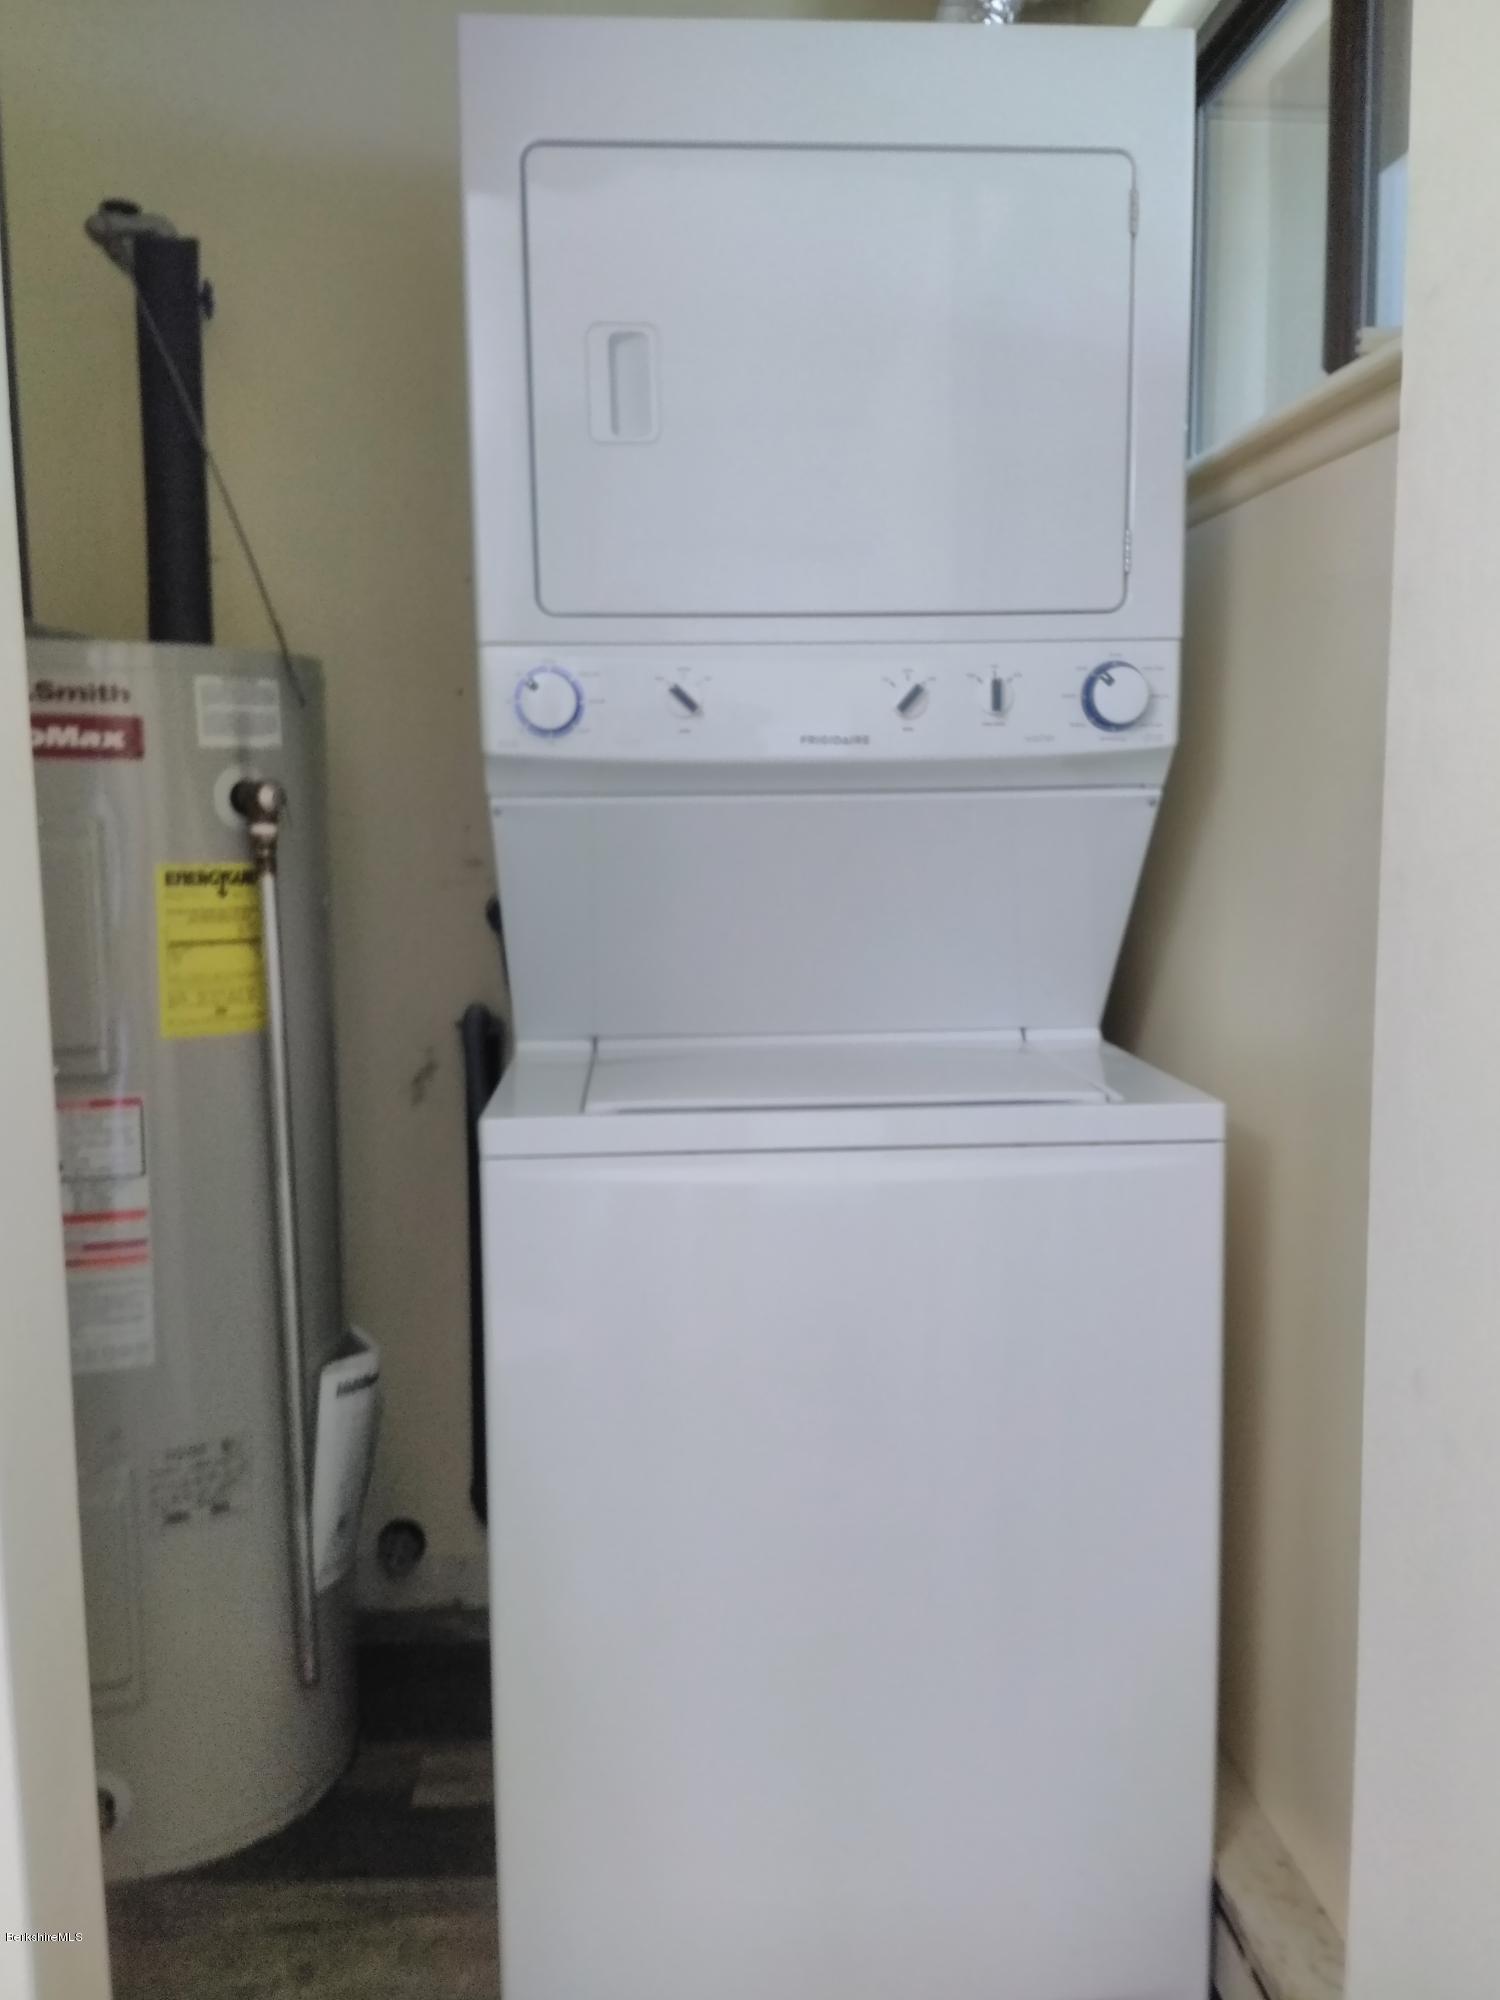 Laundry & hot water tank in 1/2 bath